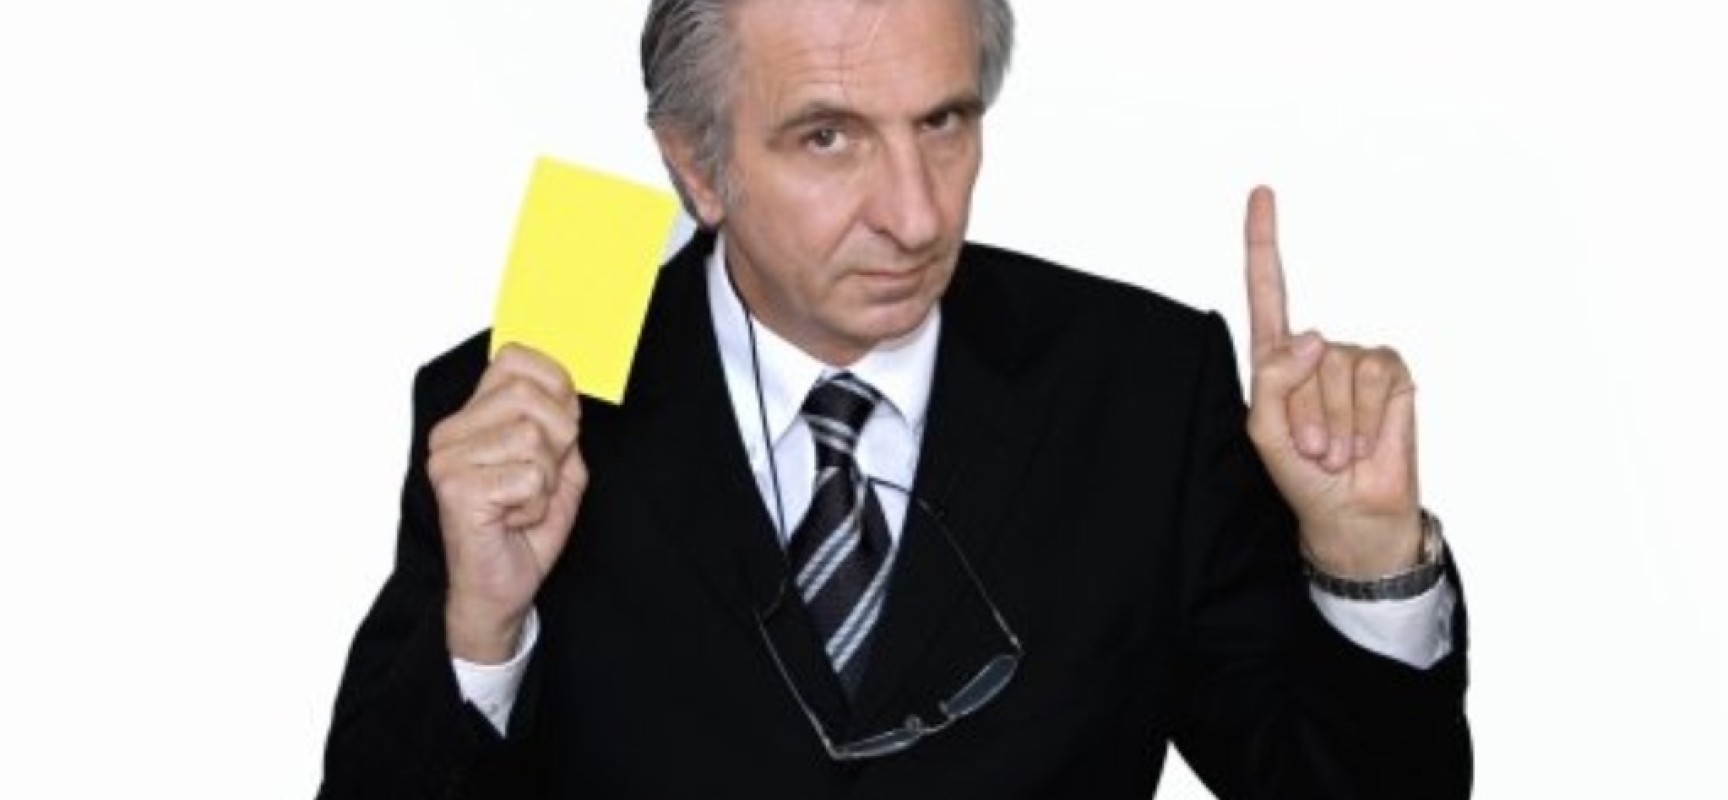 Увольнение за дисциплинарное взыскание